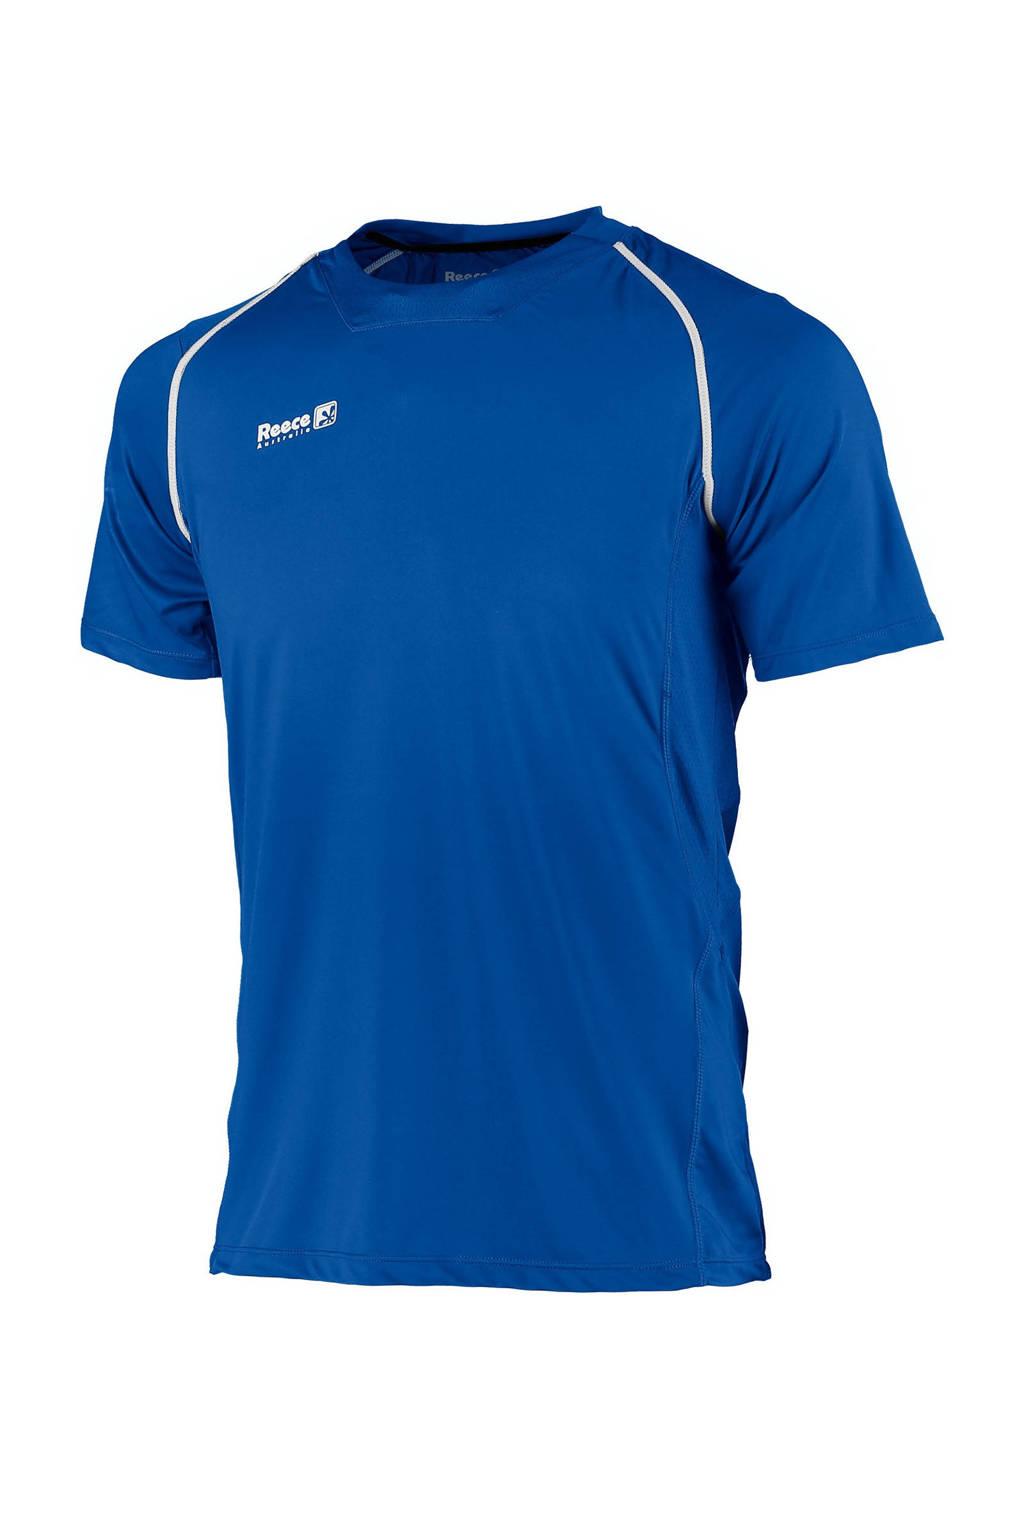 Reece Australia   sport T-shirt, Blauw, Heren